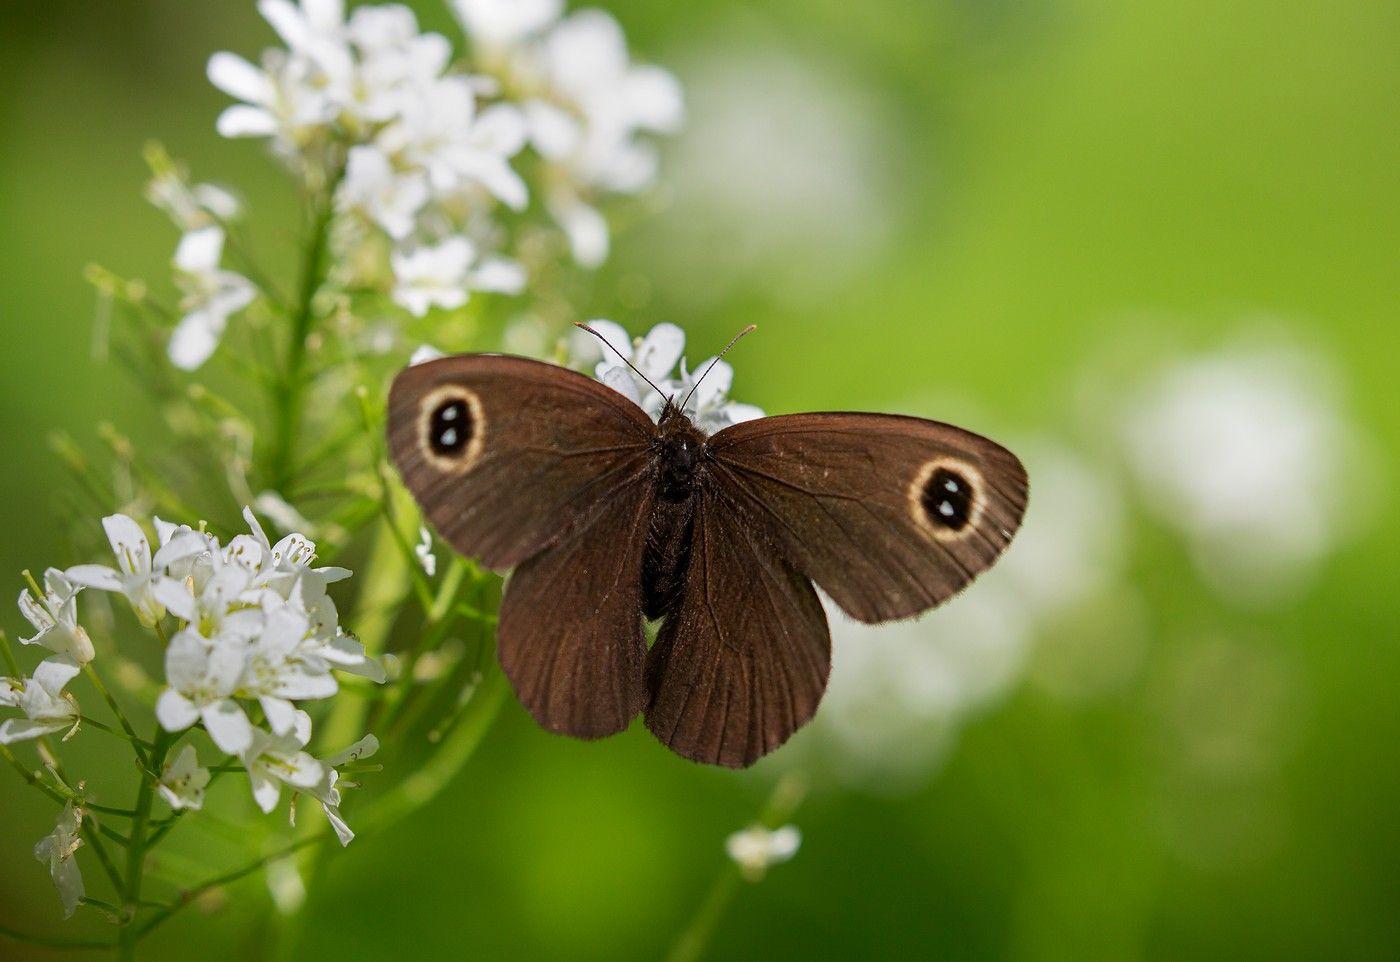 бабочка бархатница май окрестности владивостока, Слободской Евгений